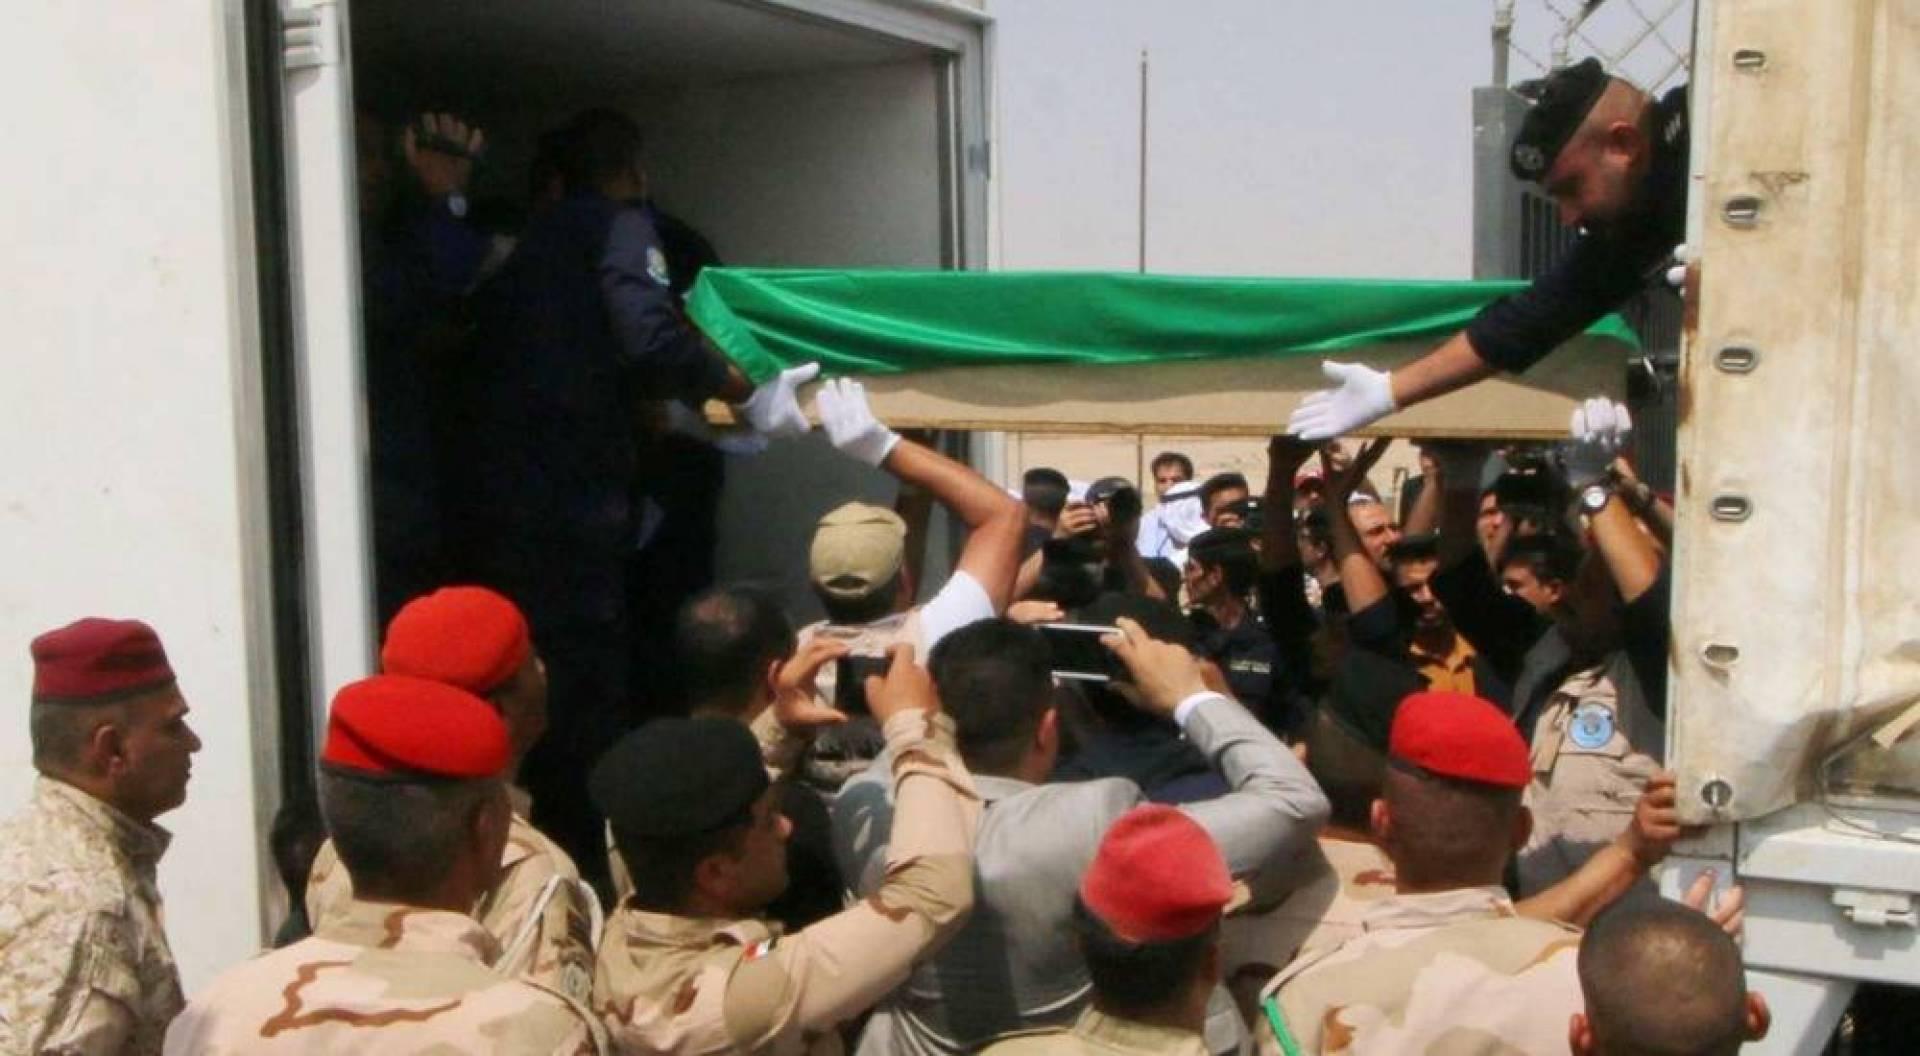 مصادر دبلوماسية لـ «القبس»: الكويت تتسلم اليوم نحو 20 رفات من العراق مع صندوق لمتعلقاتهم